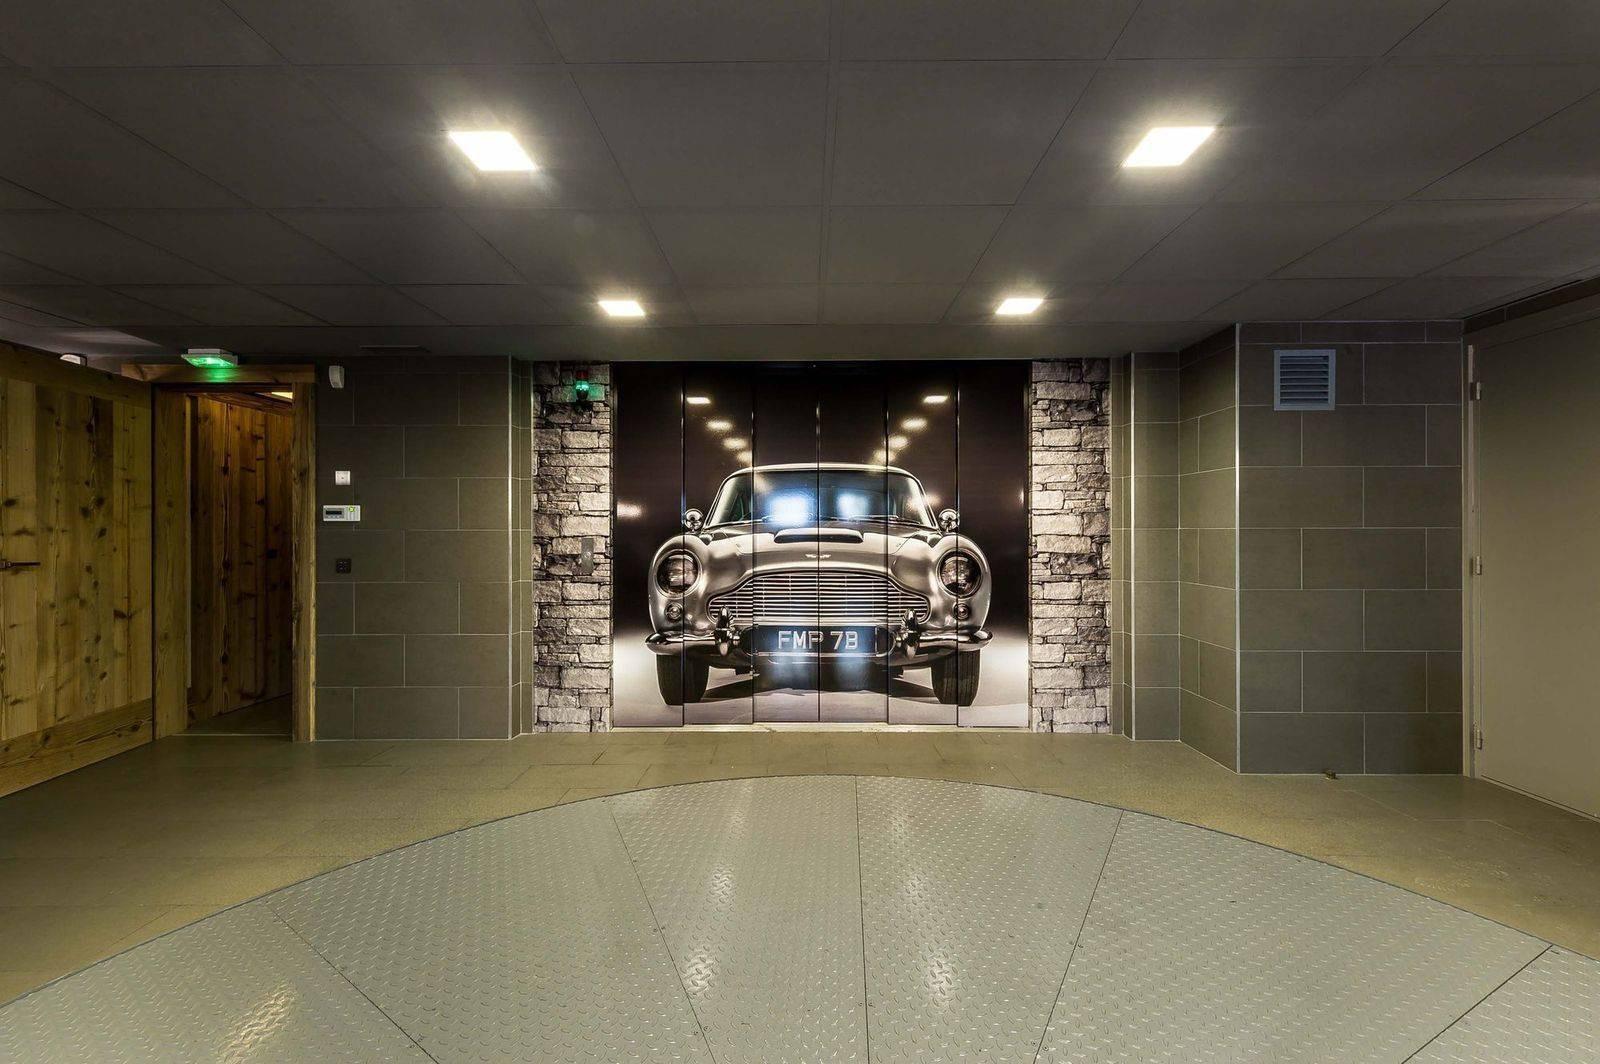 Courchevel 1850 Luxury Rental Chalet Chursinite Garage